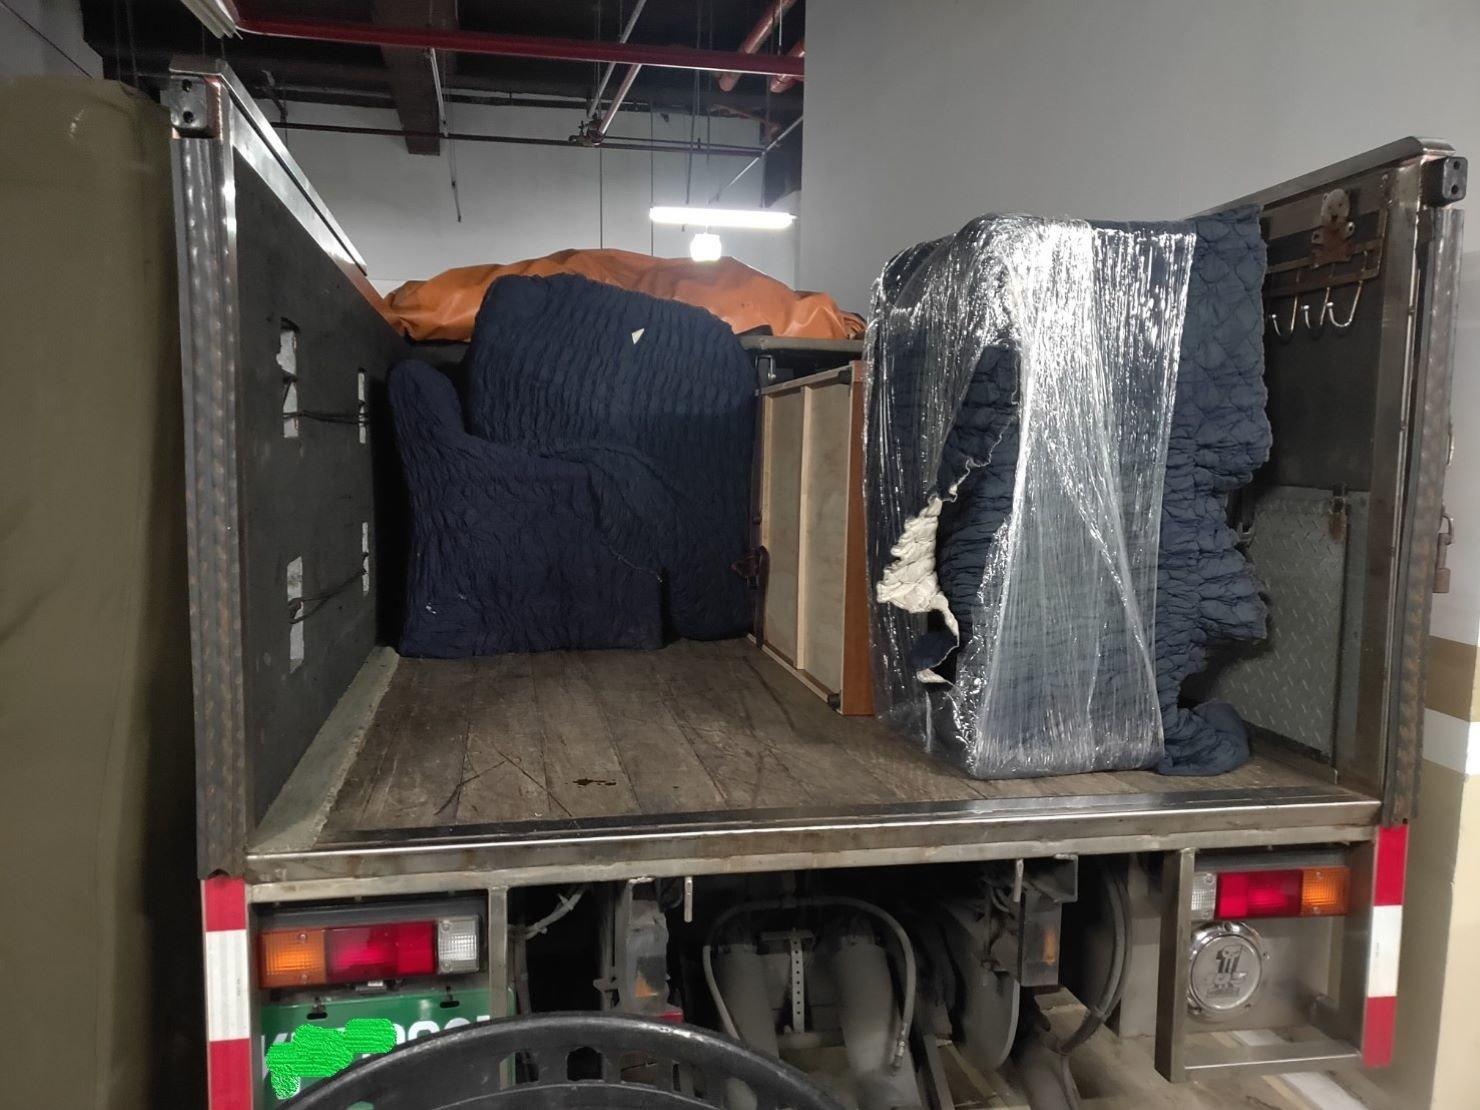 搬家公司推薦、新北搬家推薦【榮福搬家公司】南港搬家、桃園搬家公司推薦、台北搬家公司推薦、搬家具、冰箱搬運、基隆搬家、搬家電、床墊搬運、大型家具搬運、單件家具運送、跨縣市搬家、搬家首選、搬公司行號、家庭搬家、搬鋼琴、搬工、搬運、搬家紙箱、吊家具搬運、沙發搬運、衣櫃搬運、拆裝家具,針對顧客都秉持以用心實在專業搬家技巧,搬家實在用心值得您的信賴與選擇。優質搬家,包裝搬運「細膩包裝、專業搬運、用心服務、以客為尊」是榮福搬家公司的宗旨與精神。歡迎立即來電02-2651-2727專人服務。系統式家具拆裝找專業的榮福搬家就對了。